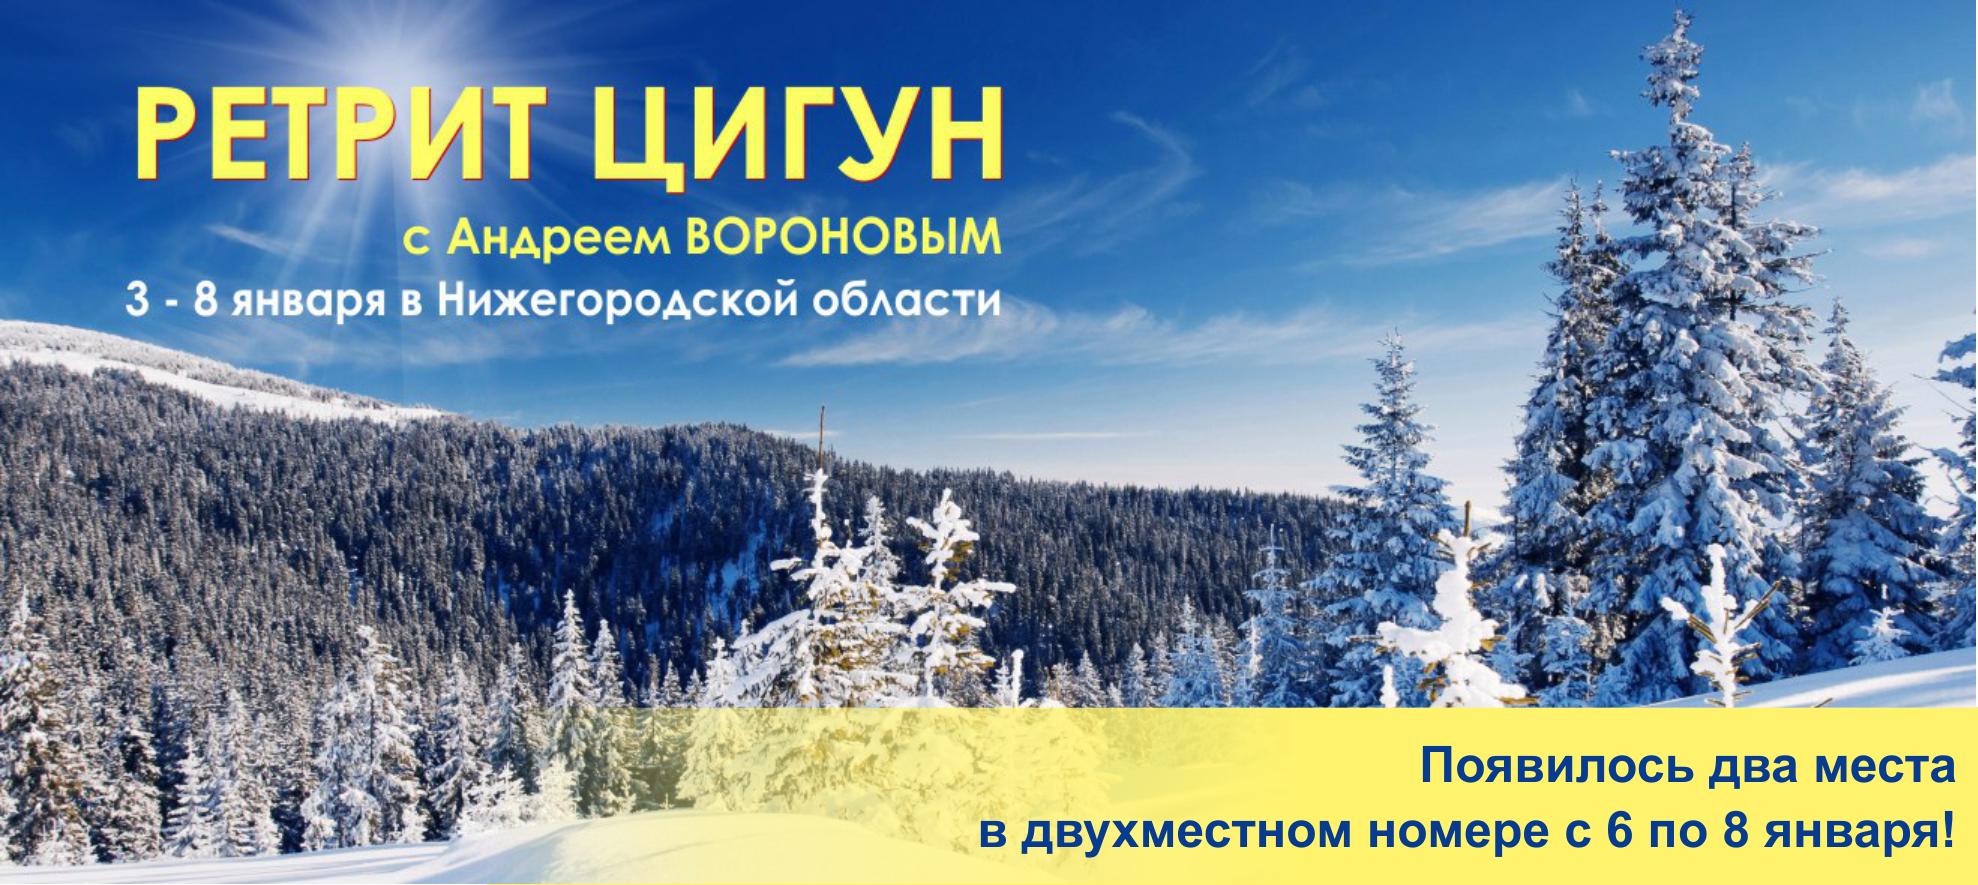 Ретрит по Цигун в Нижегородской области